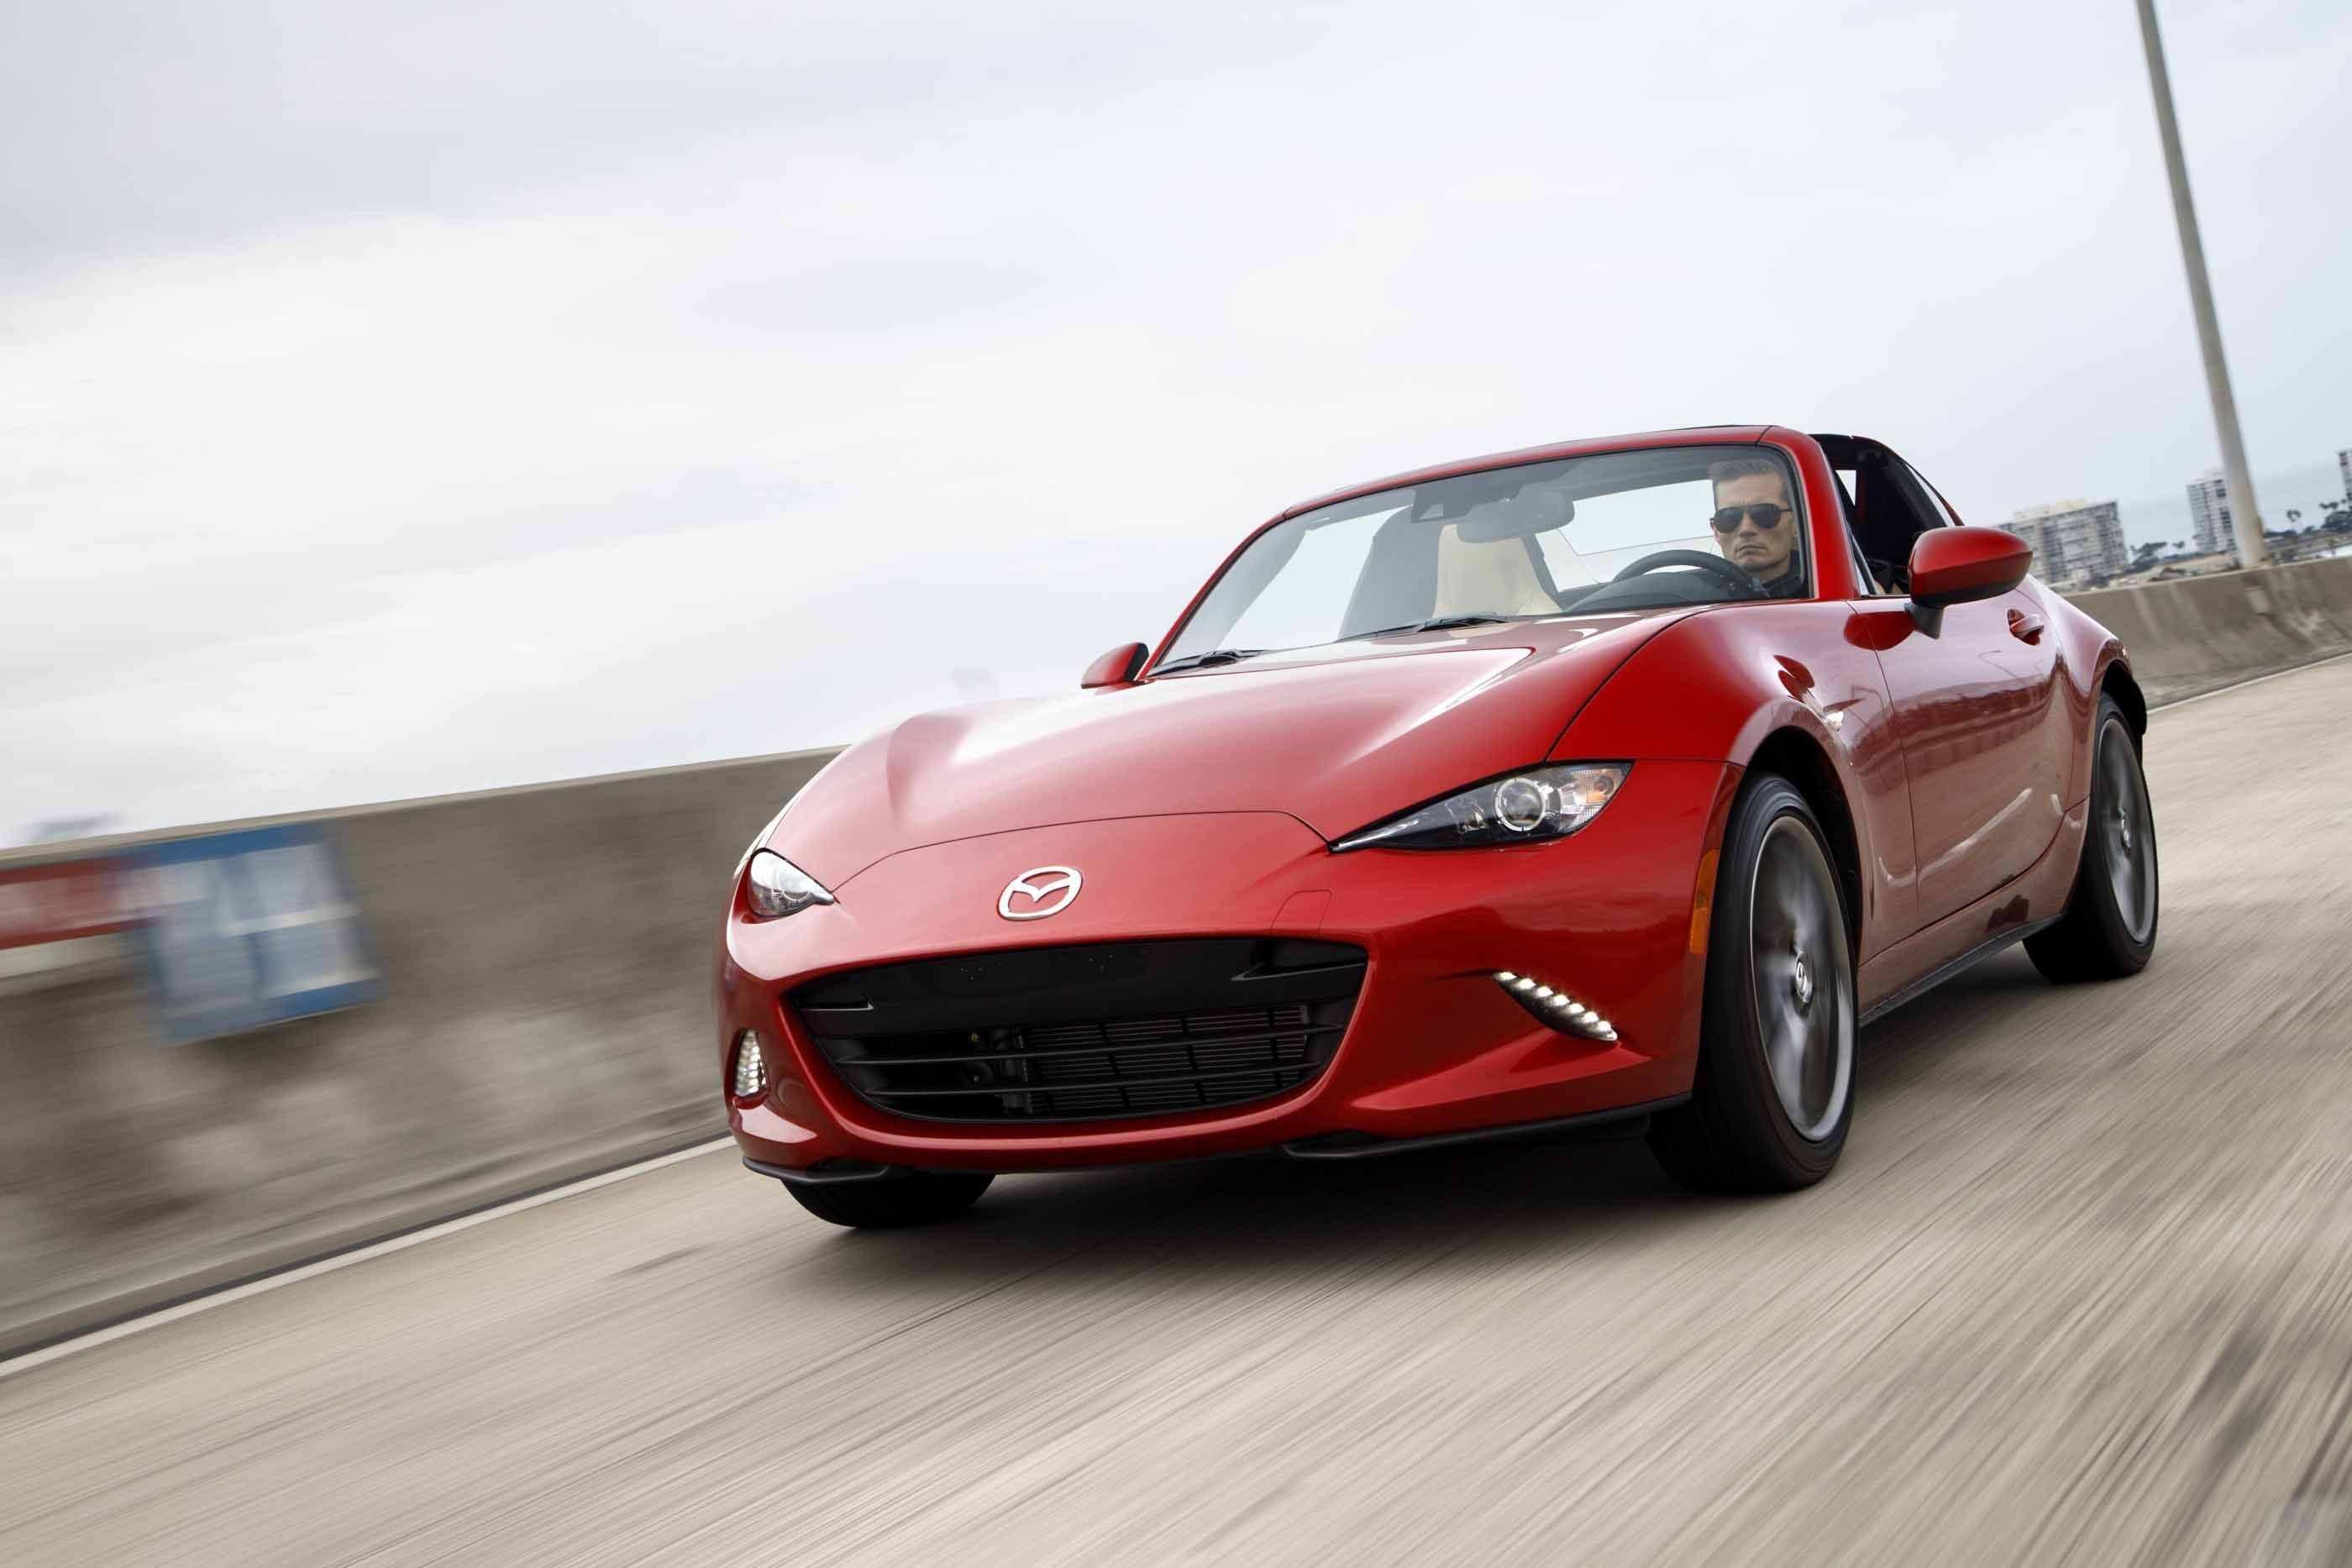 98 All New 2020 Mazda Mx 5 Miata Specs with 2020 Mazda Mx 5 Miata